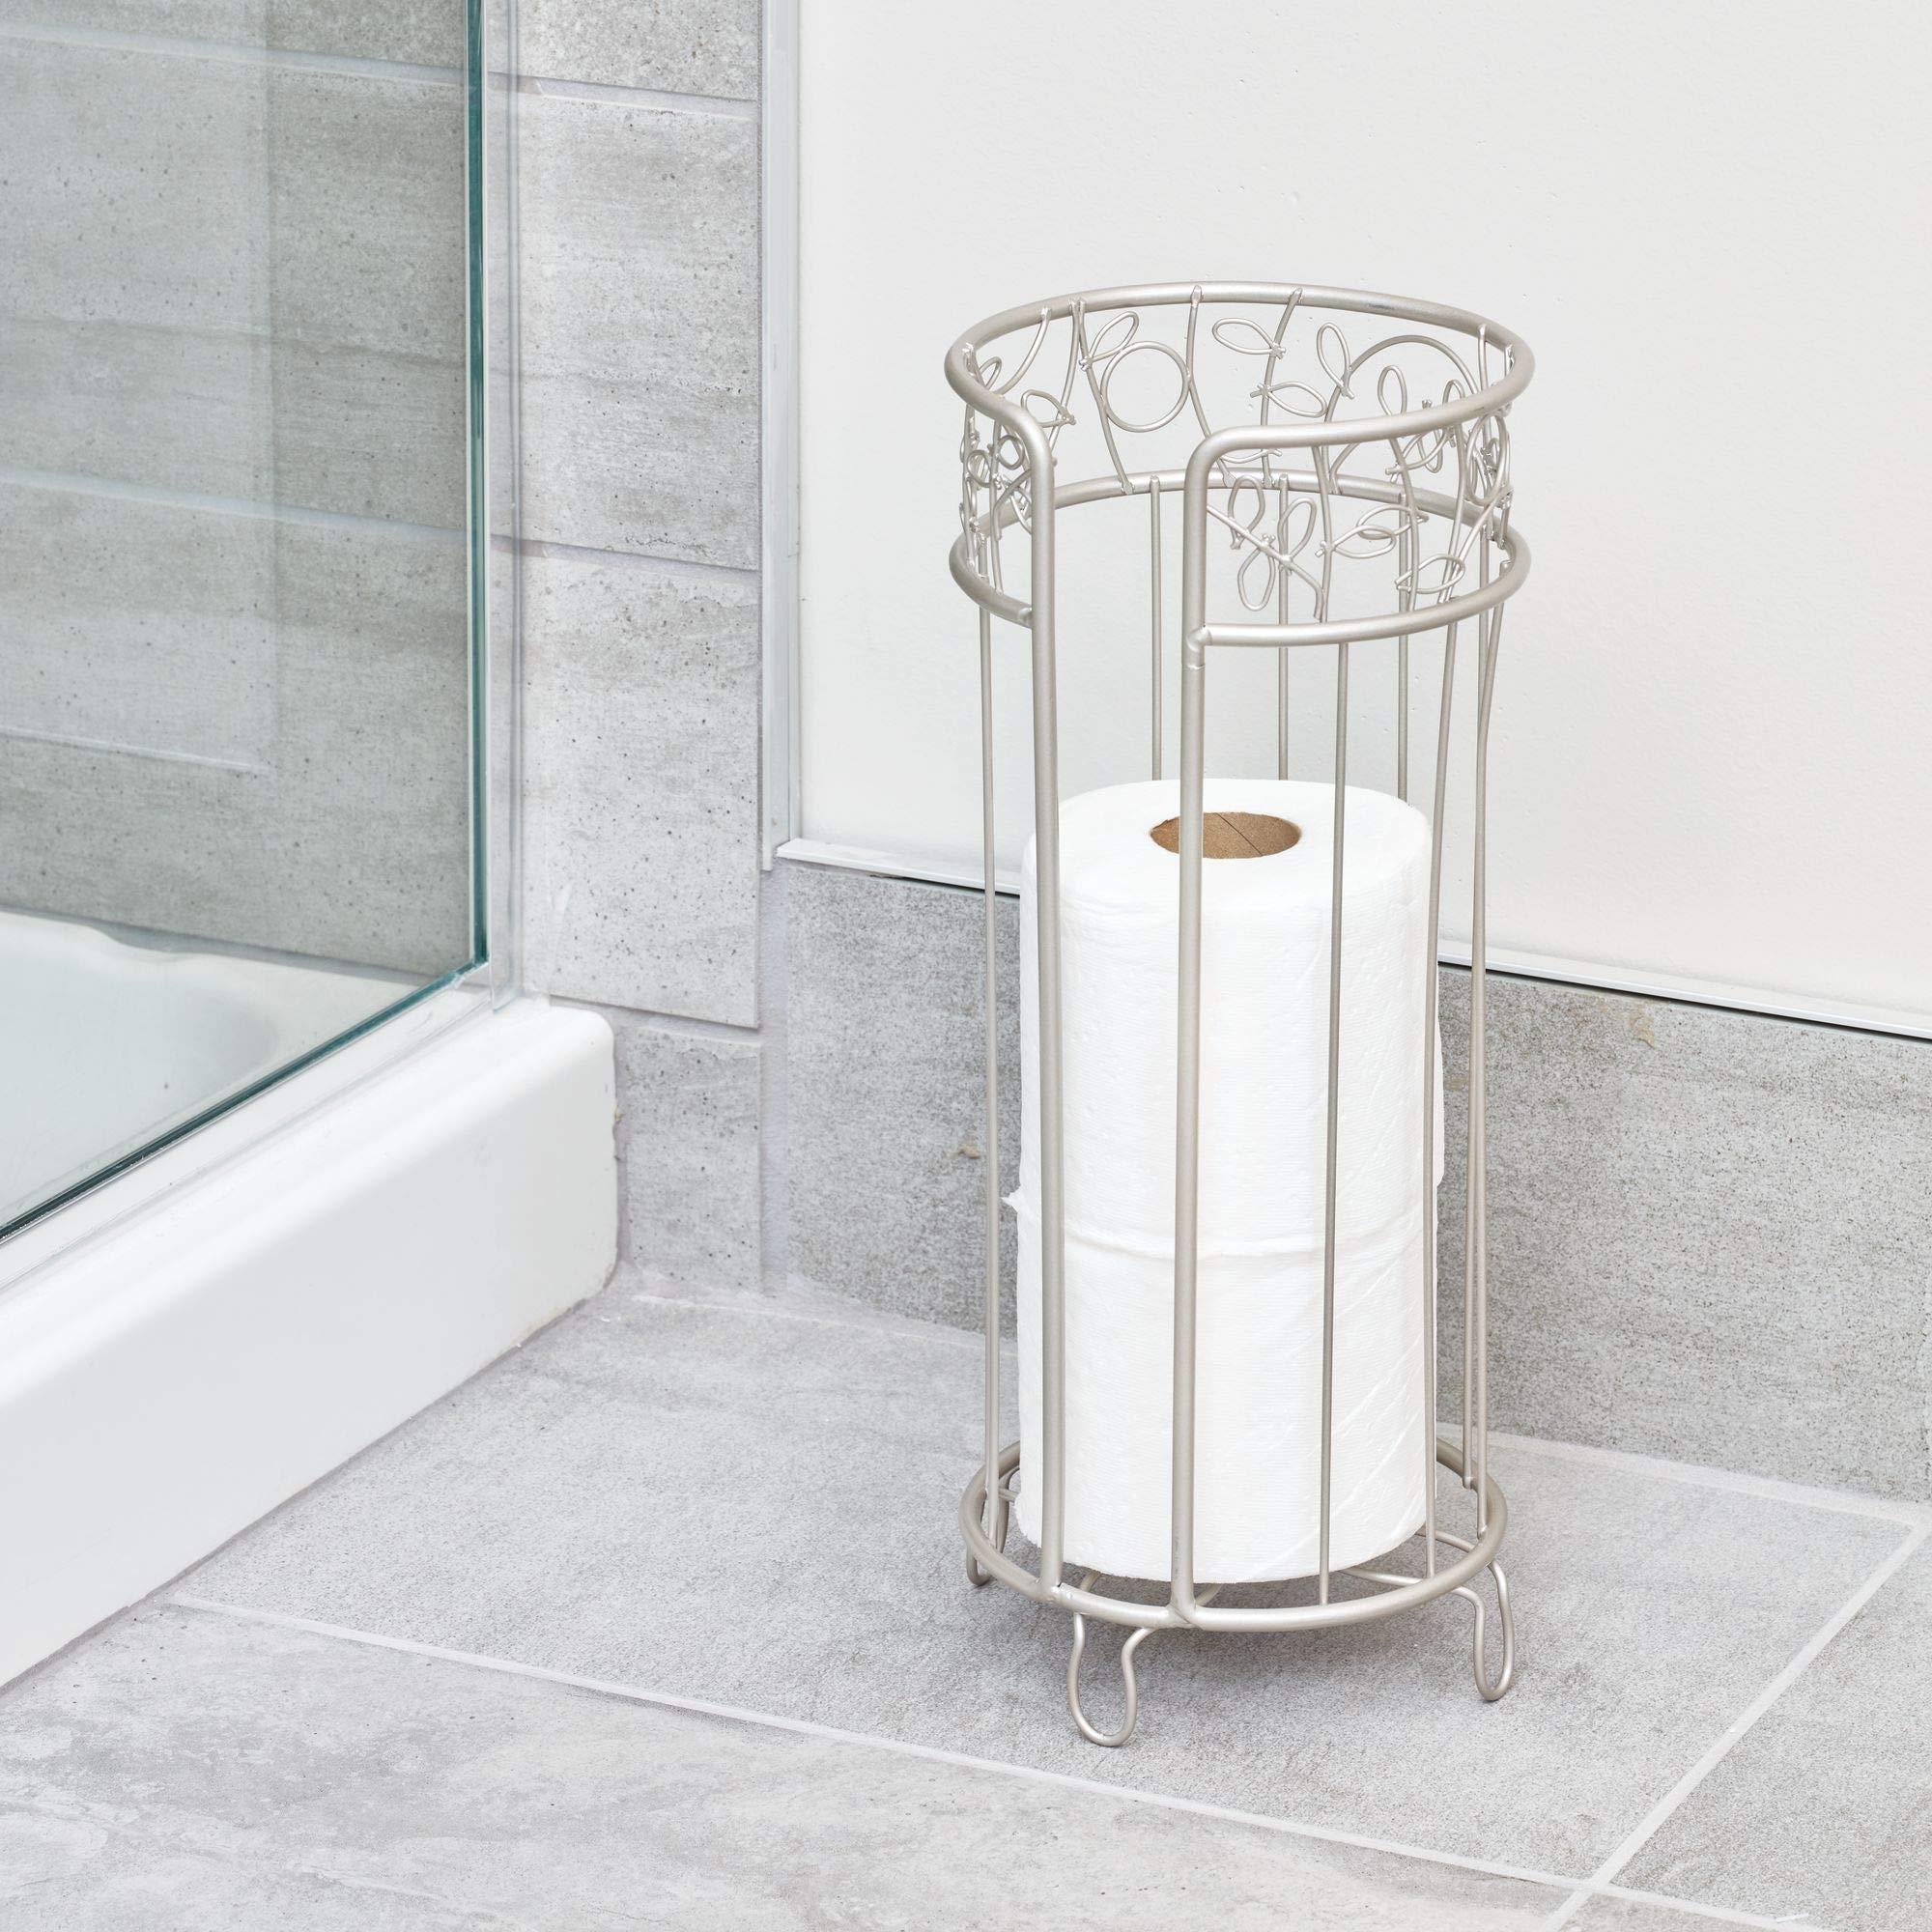 InterDesign Twigz Free Standing Toilet Paper Holder, Spare Roll Bathroom Storage Satin by InterDesign (Image #2)